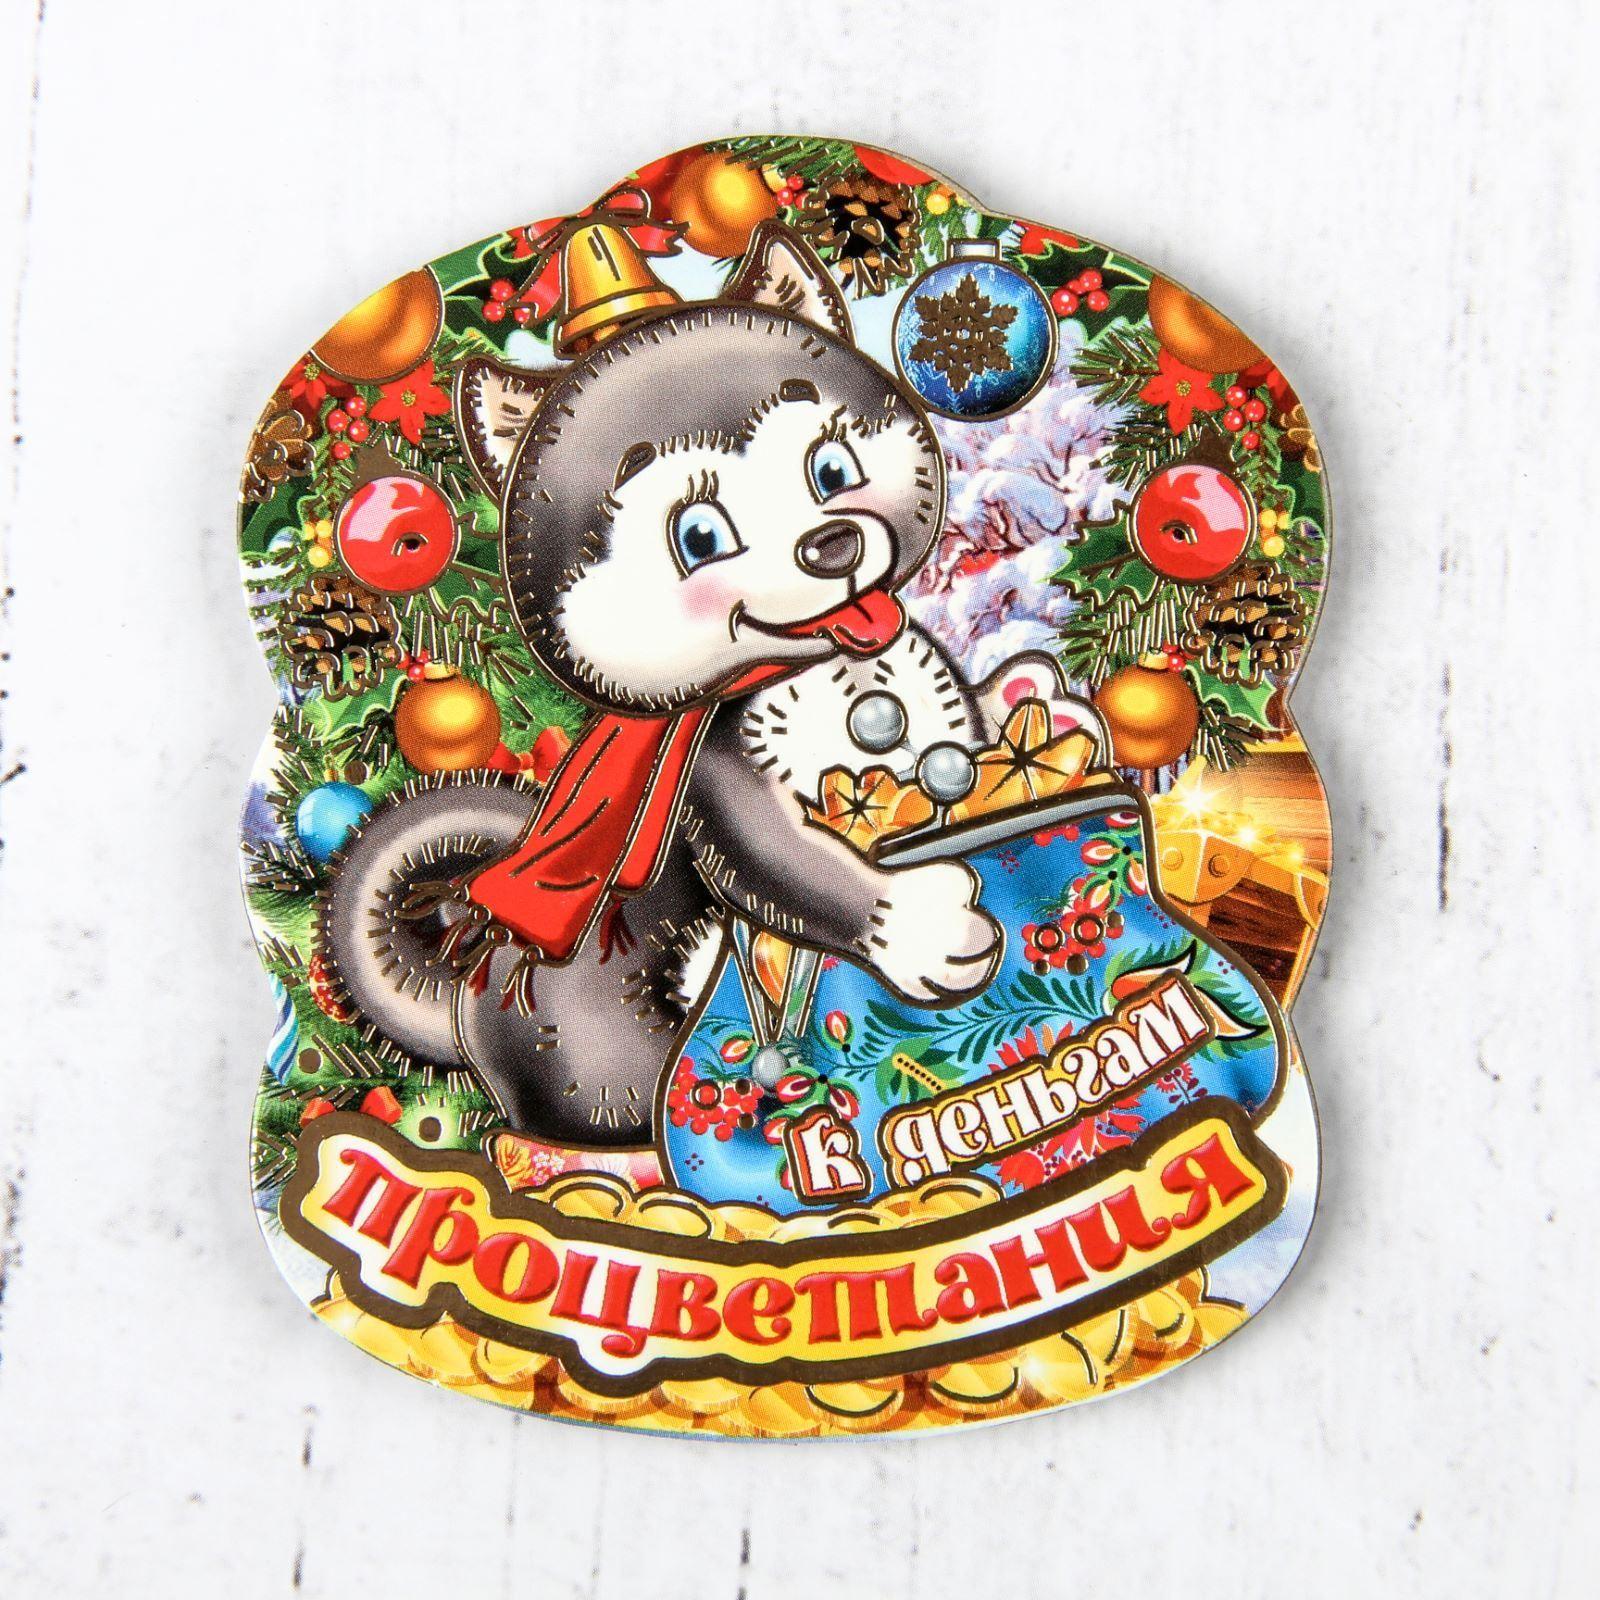 Магнит Sima-land Новогодний. 2018, 9 х 7,5 см. 25324342532434Порадуйте родных и близких оригинальным сувениром: преподнесите в подарок магнит. С ним даже самый серьезный человек почувствует себя ребенком, ожидающим чудо! Прикрепите его к любой металлической поверхности, и он удержит на виду важные записки, любовные послания или просто список продуктов.Создайте праздничное настроение, и оно останется с вами на весь год.